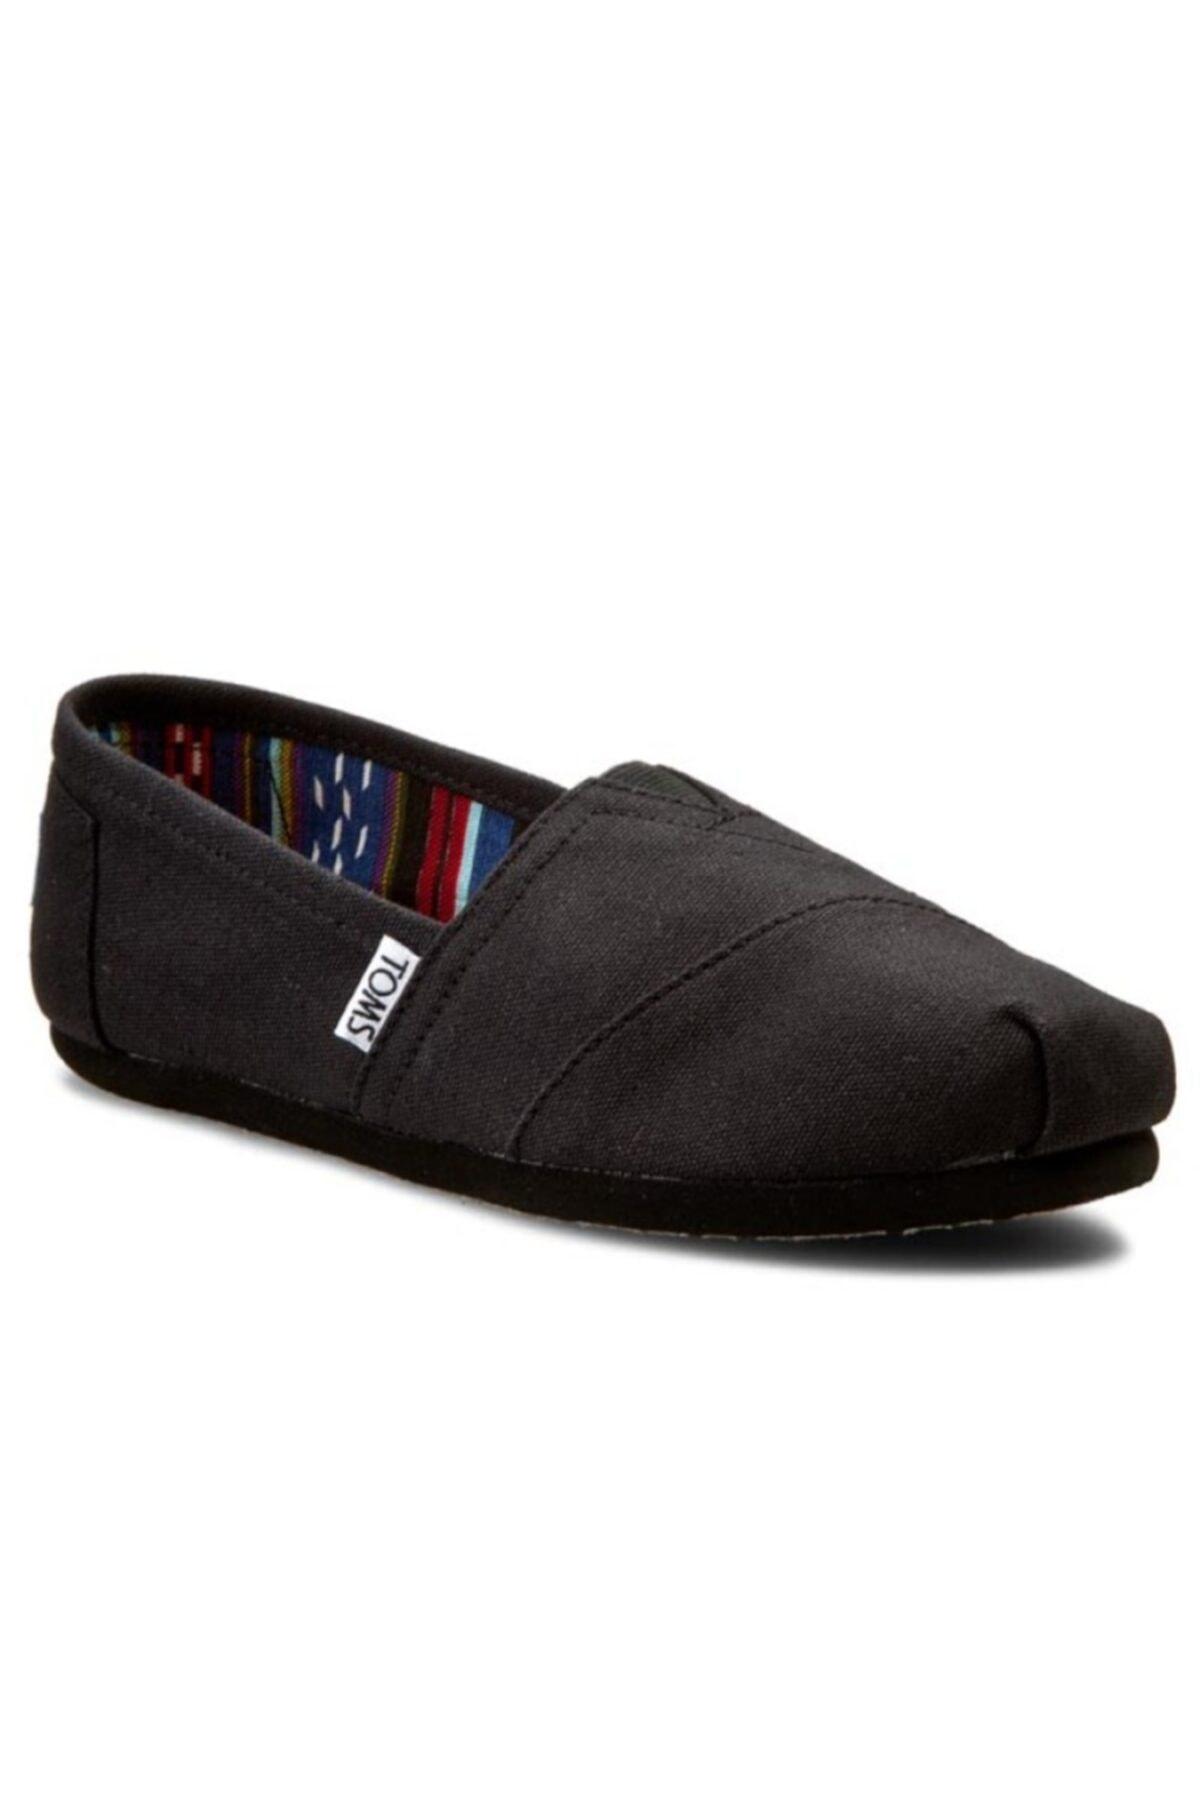 Toms Kadın Ayakkabı 10002472 1